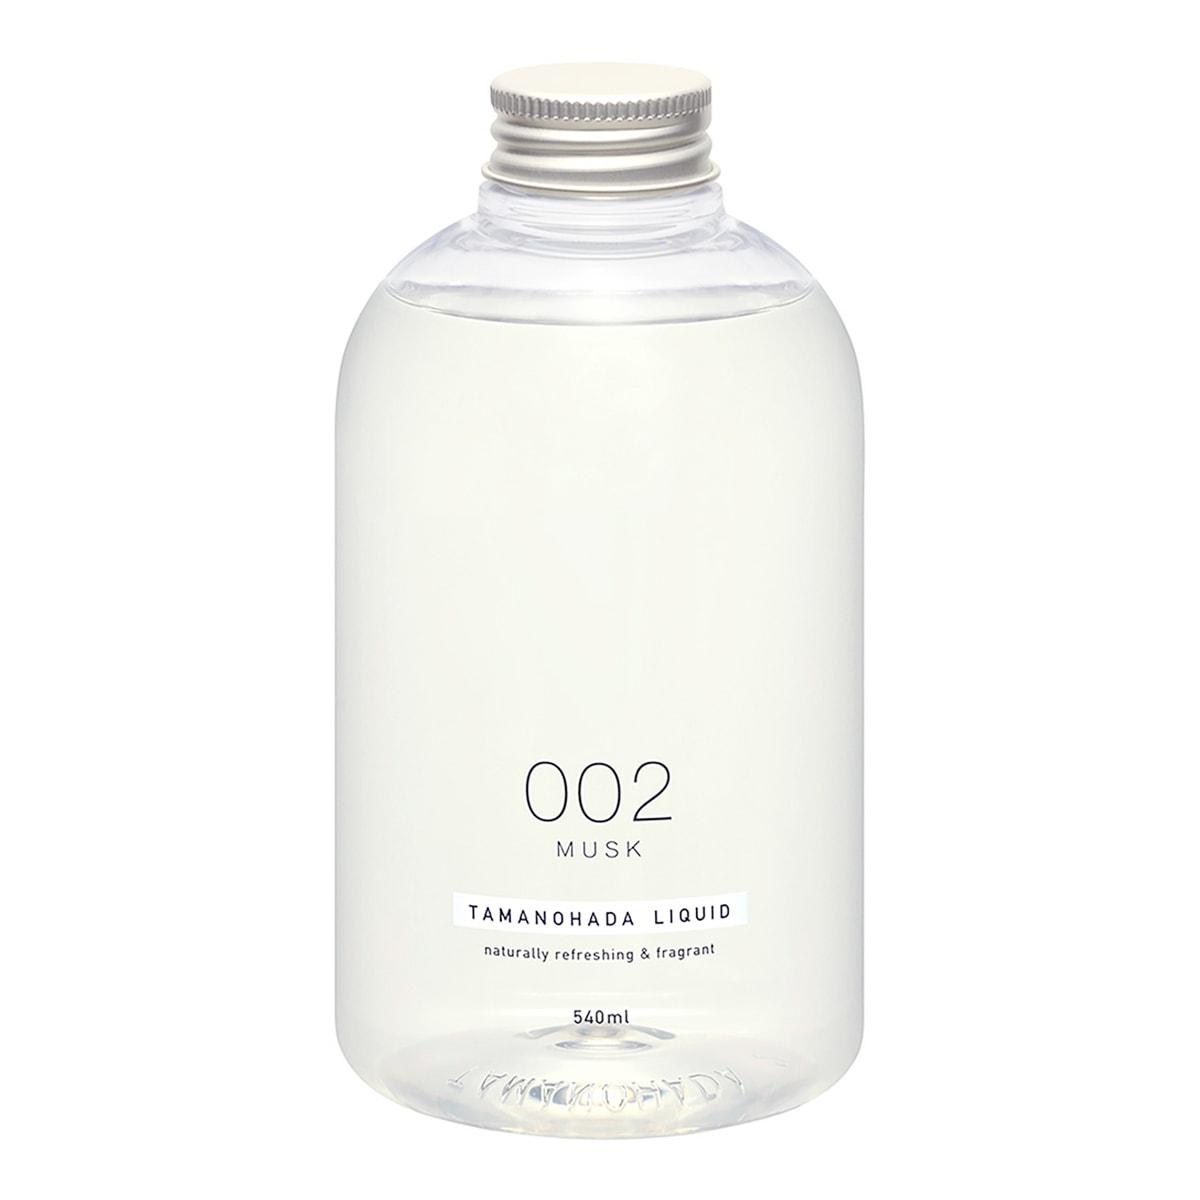 日本TAMANOHADA玉肌 沐浴乳 #002麝香 540ml